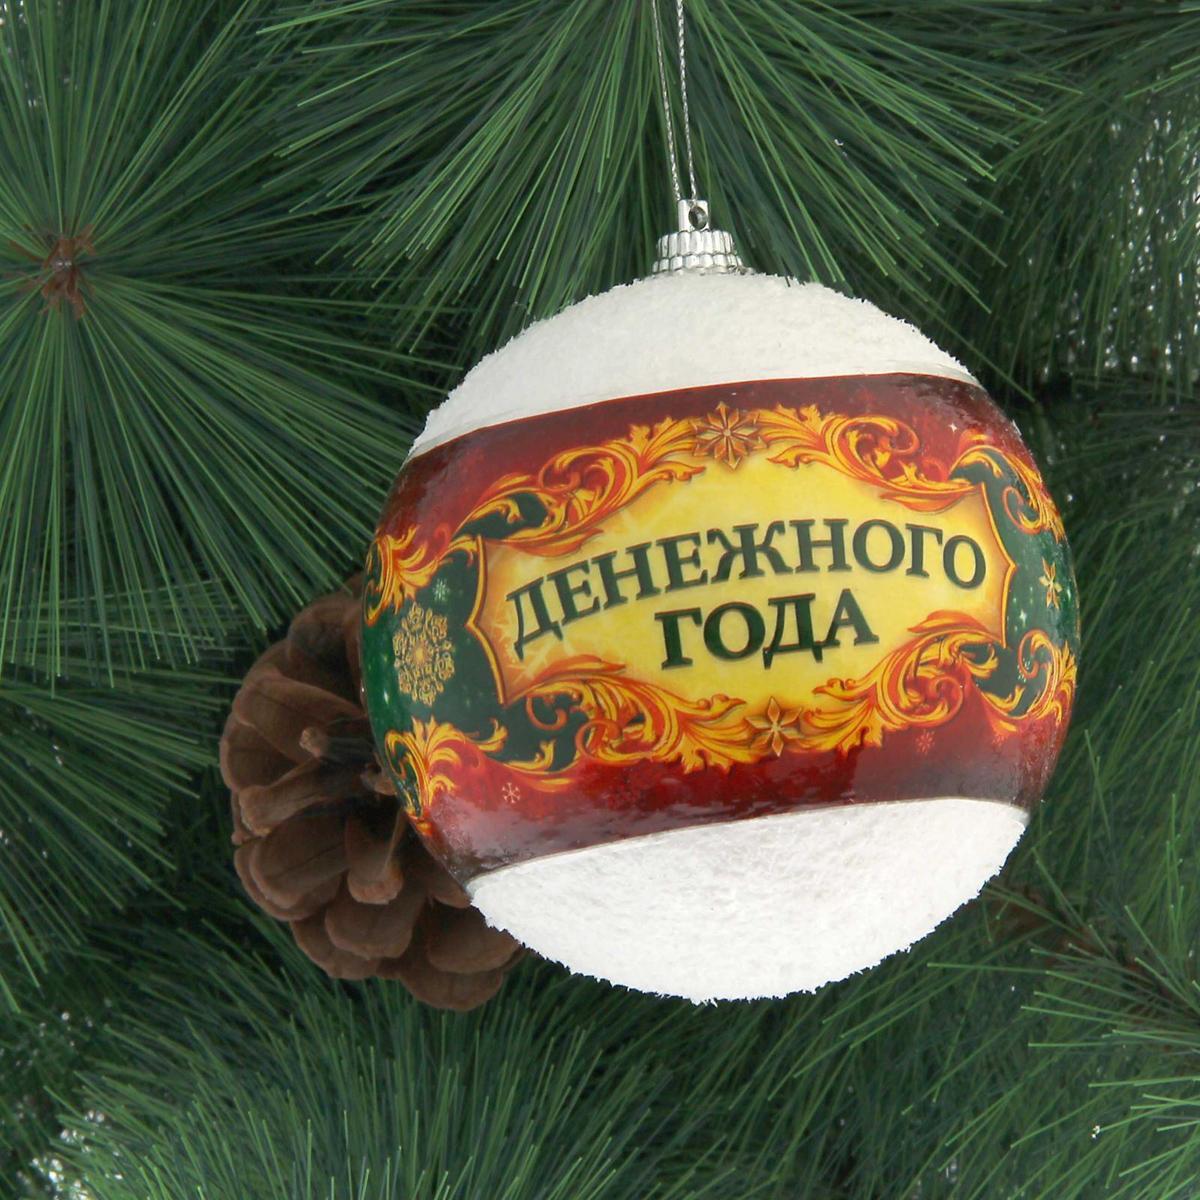 Новогоднее подвесное украшение Sima-land Денежного года, диаметр 8 см1429814Новогоднее украшение Sima-land отлично подойдет для декорации вашего дома и новогодней ели. Елочная игрушка - символ Нового года. Она несет в себе волшебство и красоту праздника. Такое украшение создаст в вашем доме атмосферу праздника, веселья и радости.